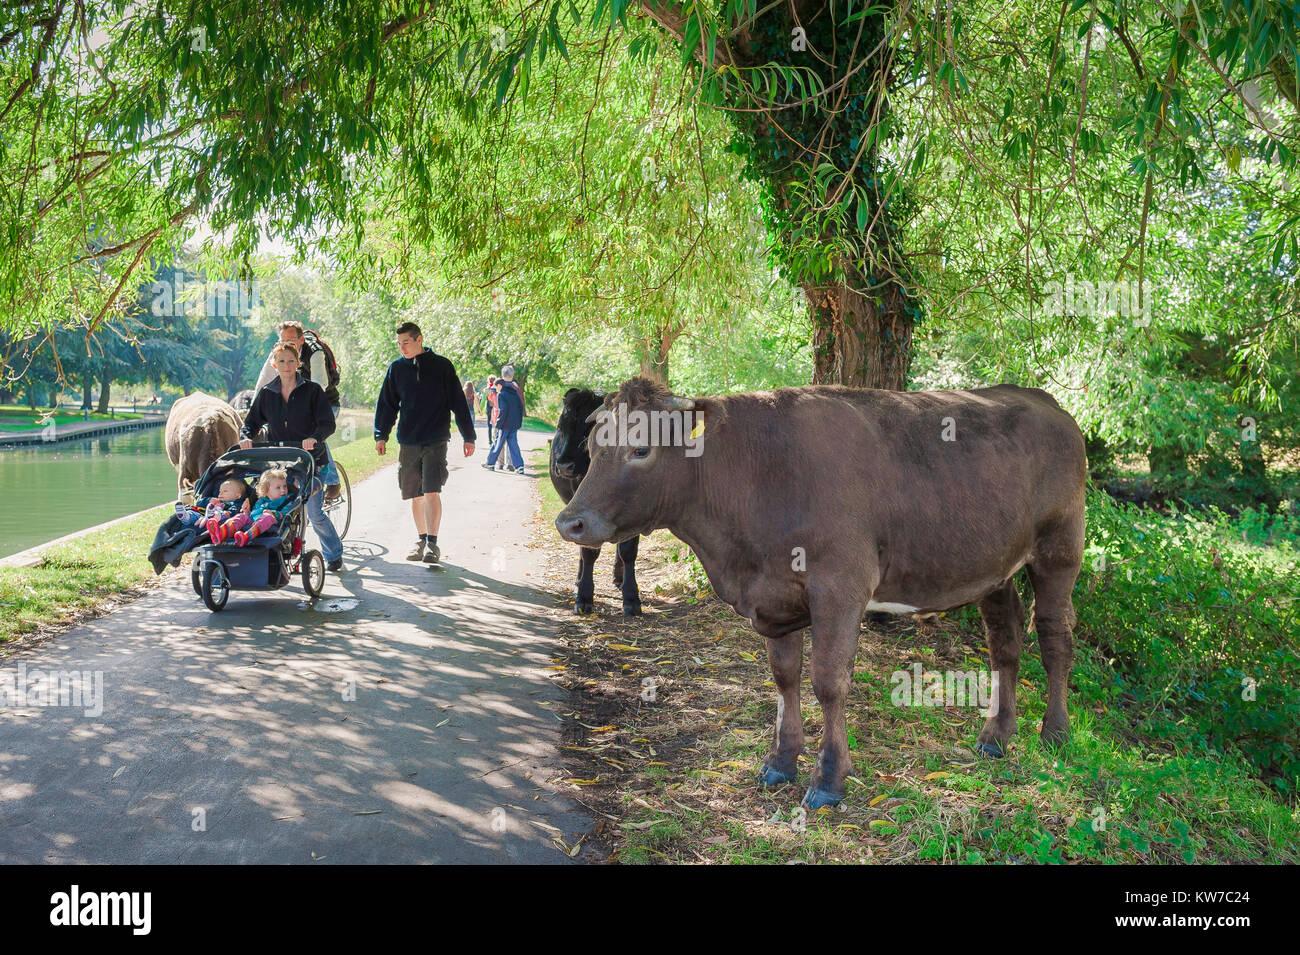 Cambridge Großbritannien Sommer, eine junge Familie am Fluss Cam pass Vieh Roaming in den Rückseiten (Wasser Stockbild